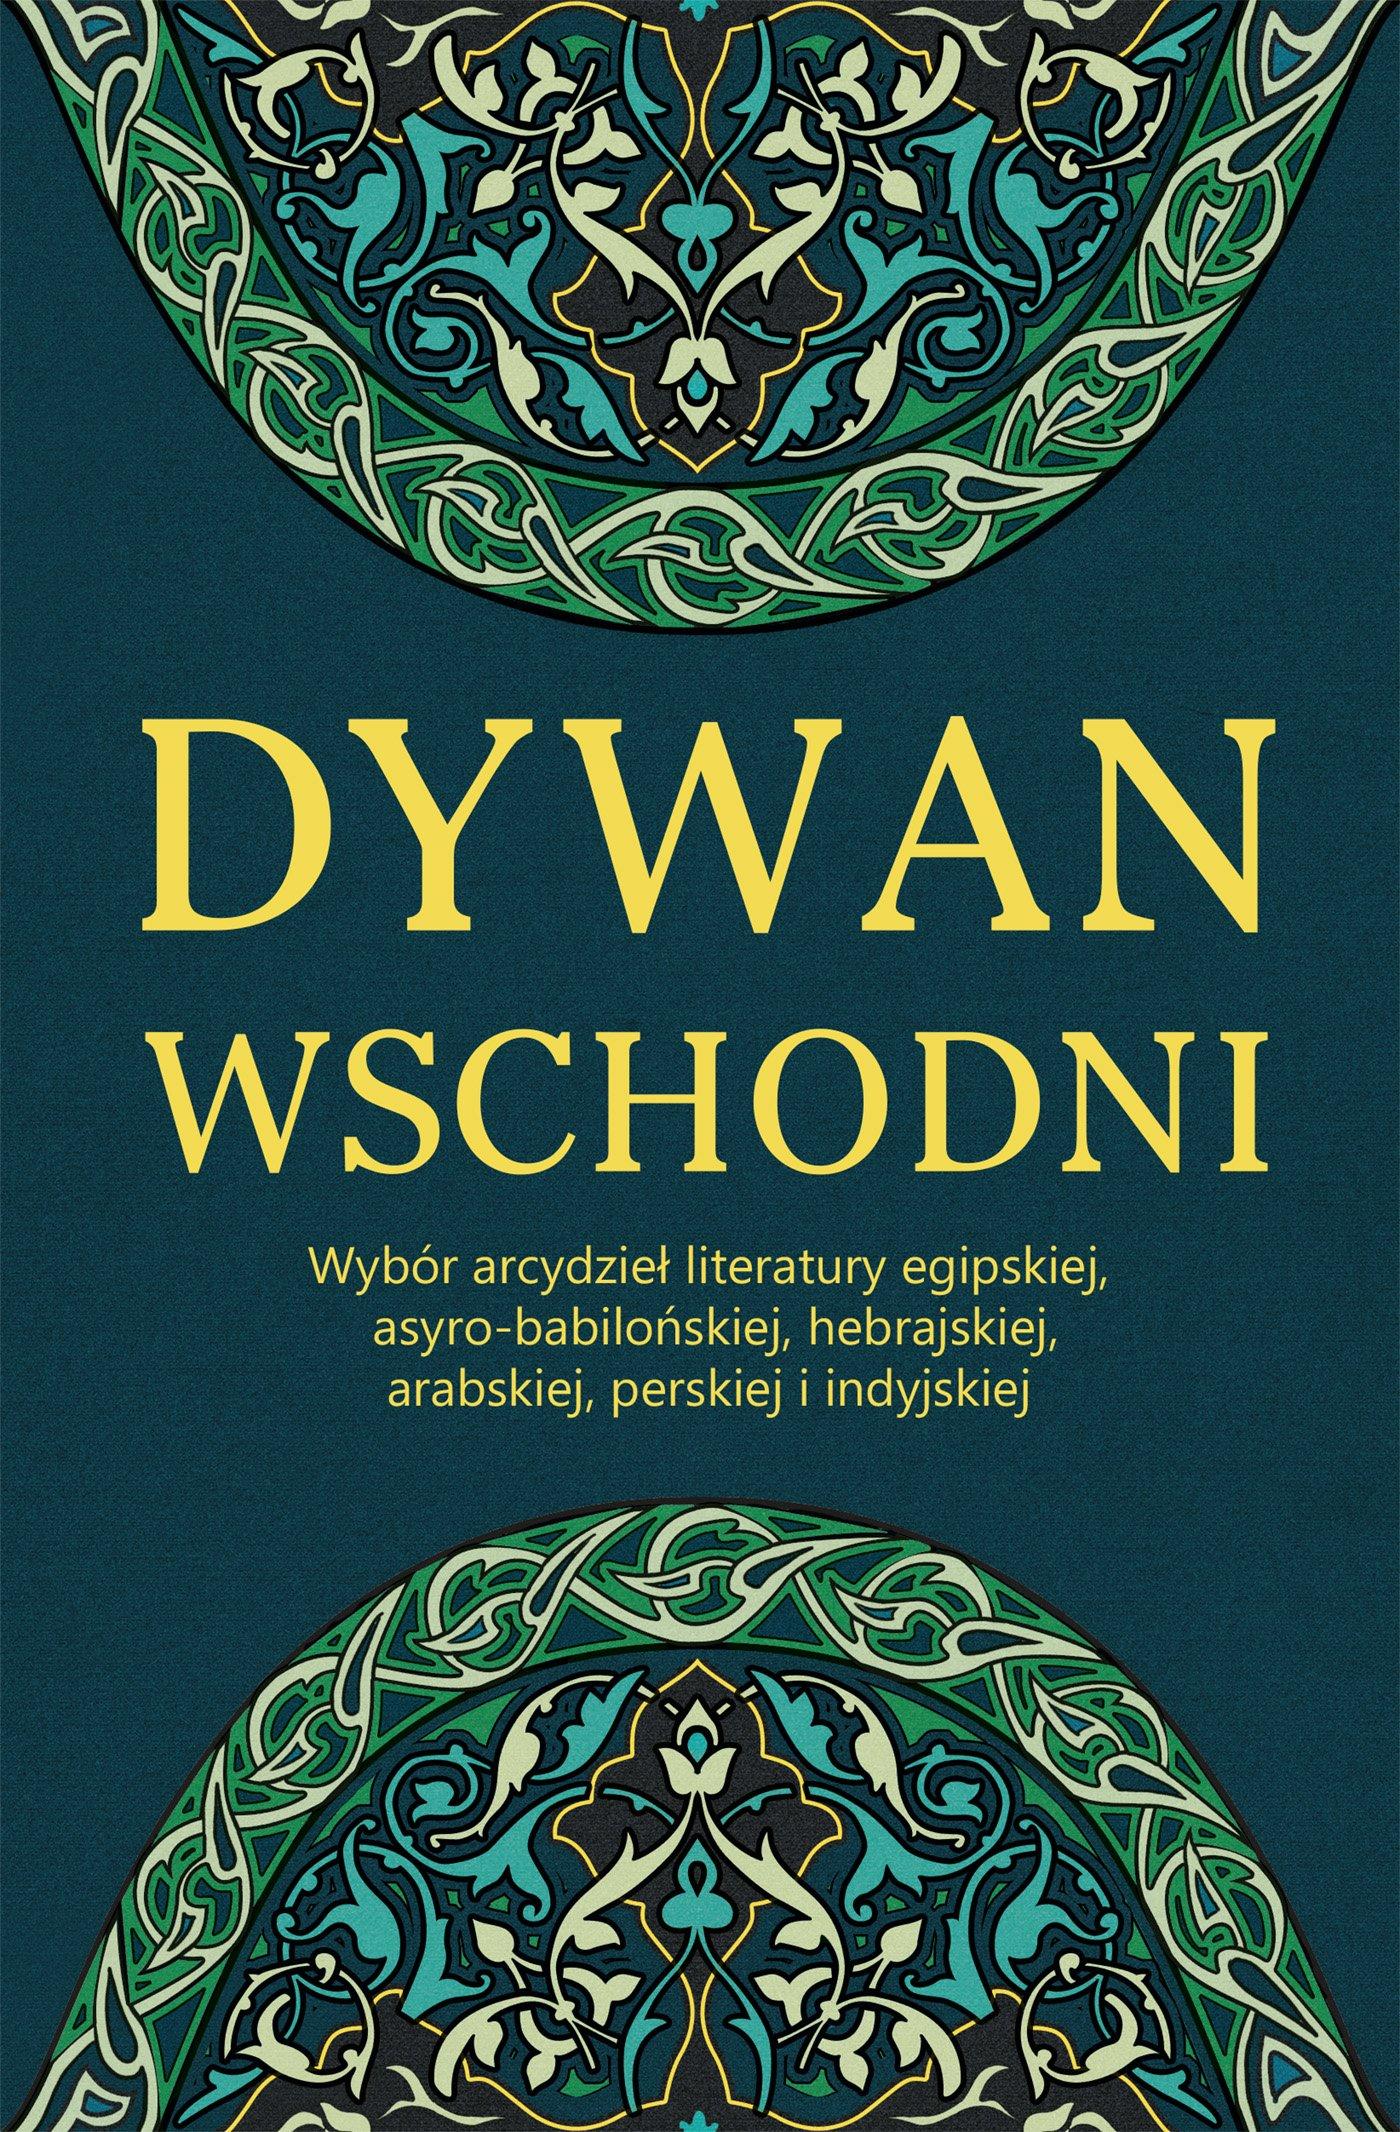 Dywan wschodni: Wybór arcydzieł literatury egipskiej, asyro-babilońskiej, hebrajskiej, arabskiej, perskiej i indyjskiej - Ebook (Książka EPUB) do pobrania w formacie EPUB